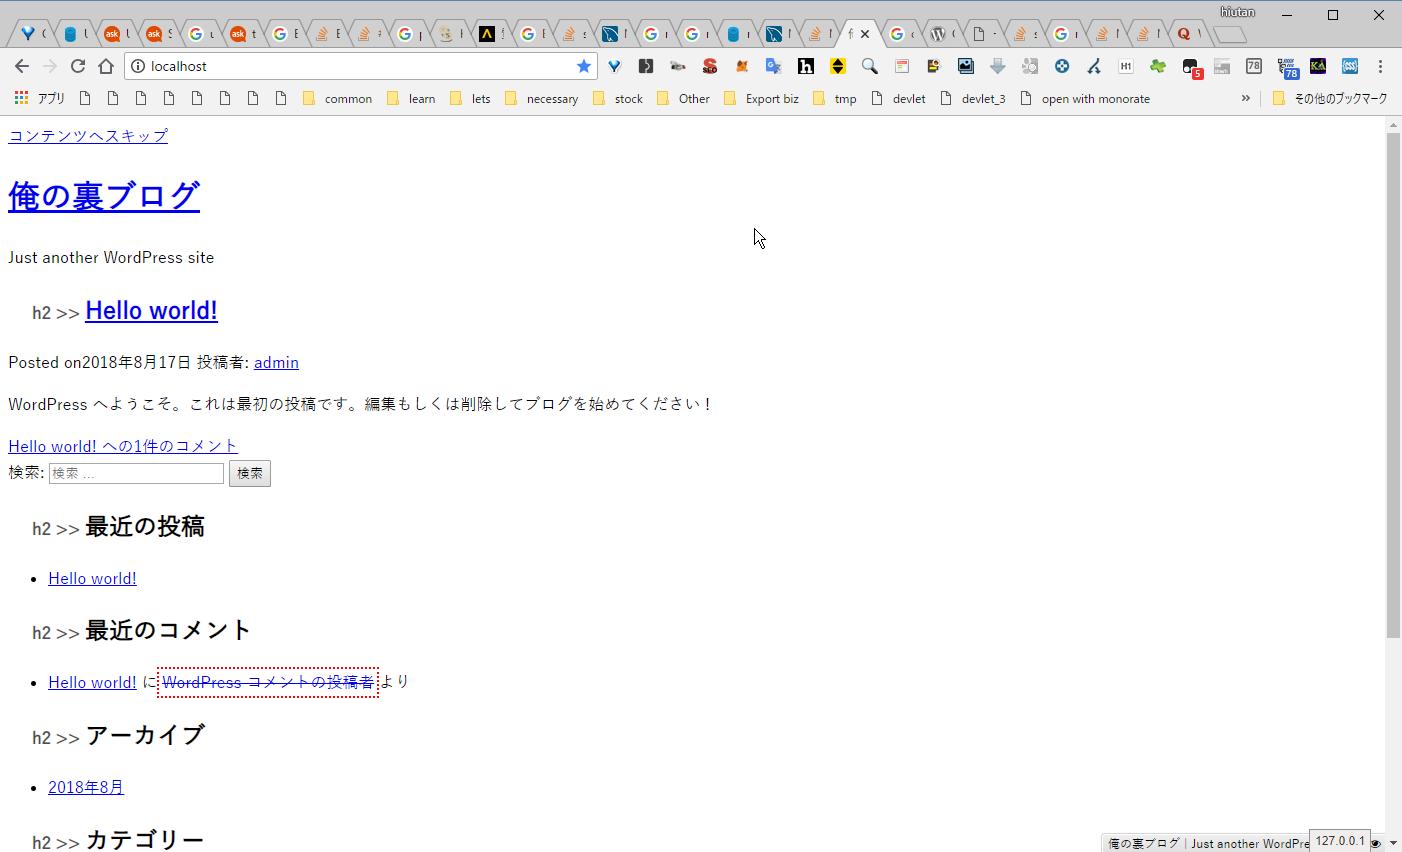 https://yuis.xsrv.jp/images/ss/ShareX_ScreenShot_6cd2edf8-cffc-4fe6-8f29-4b41ed02dcbc.png